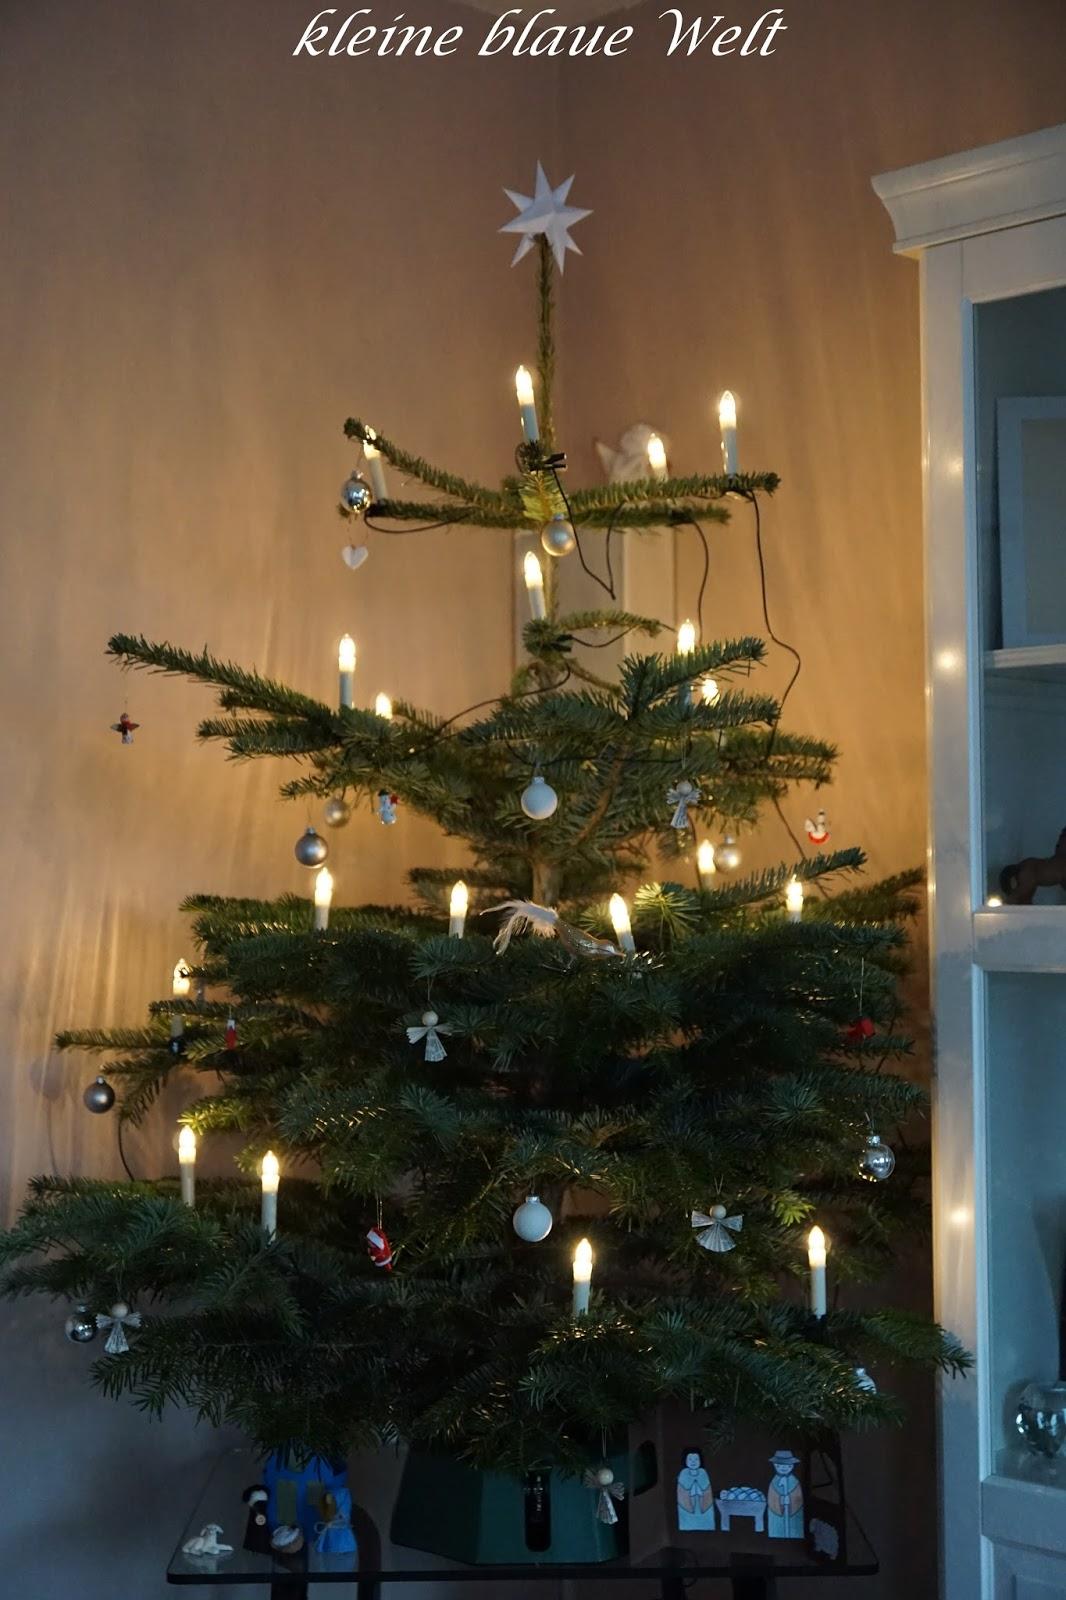 kleine blaue welt bunt ist die welt weihnachtsb ume. Black Bedroom Furniture Sets. Home Design Ideas